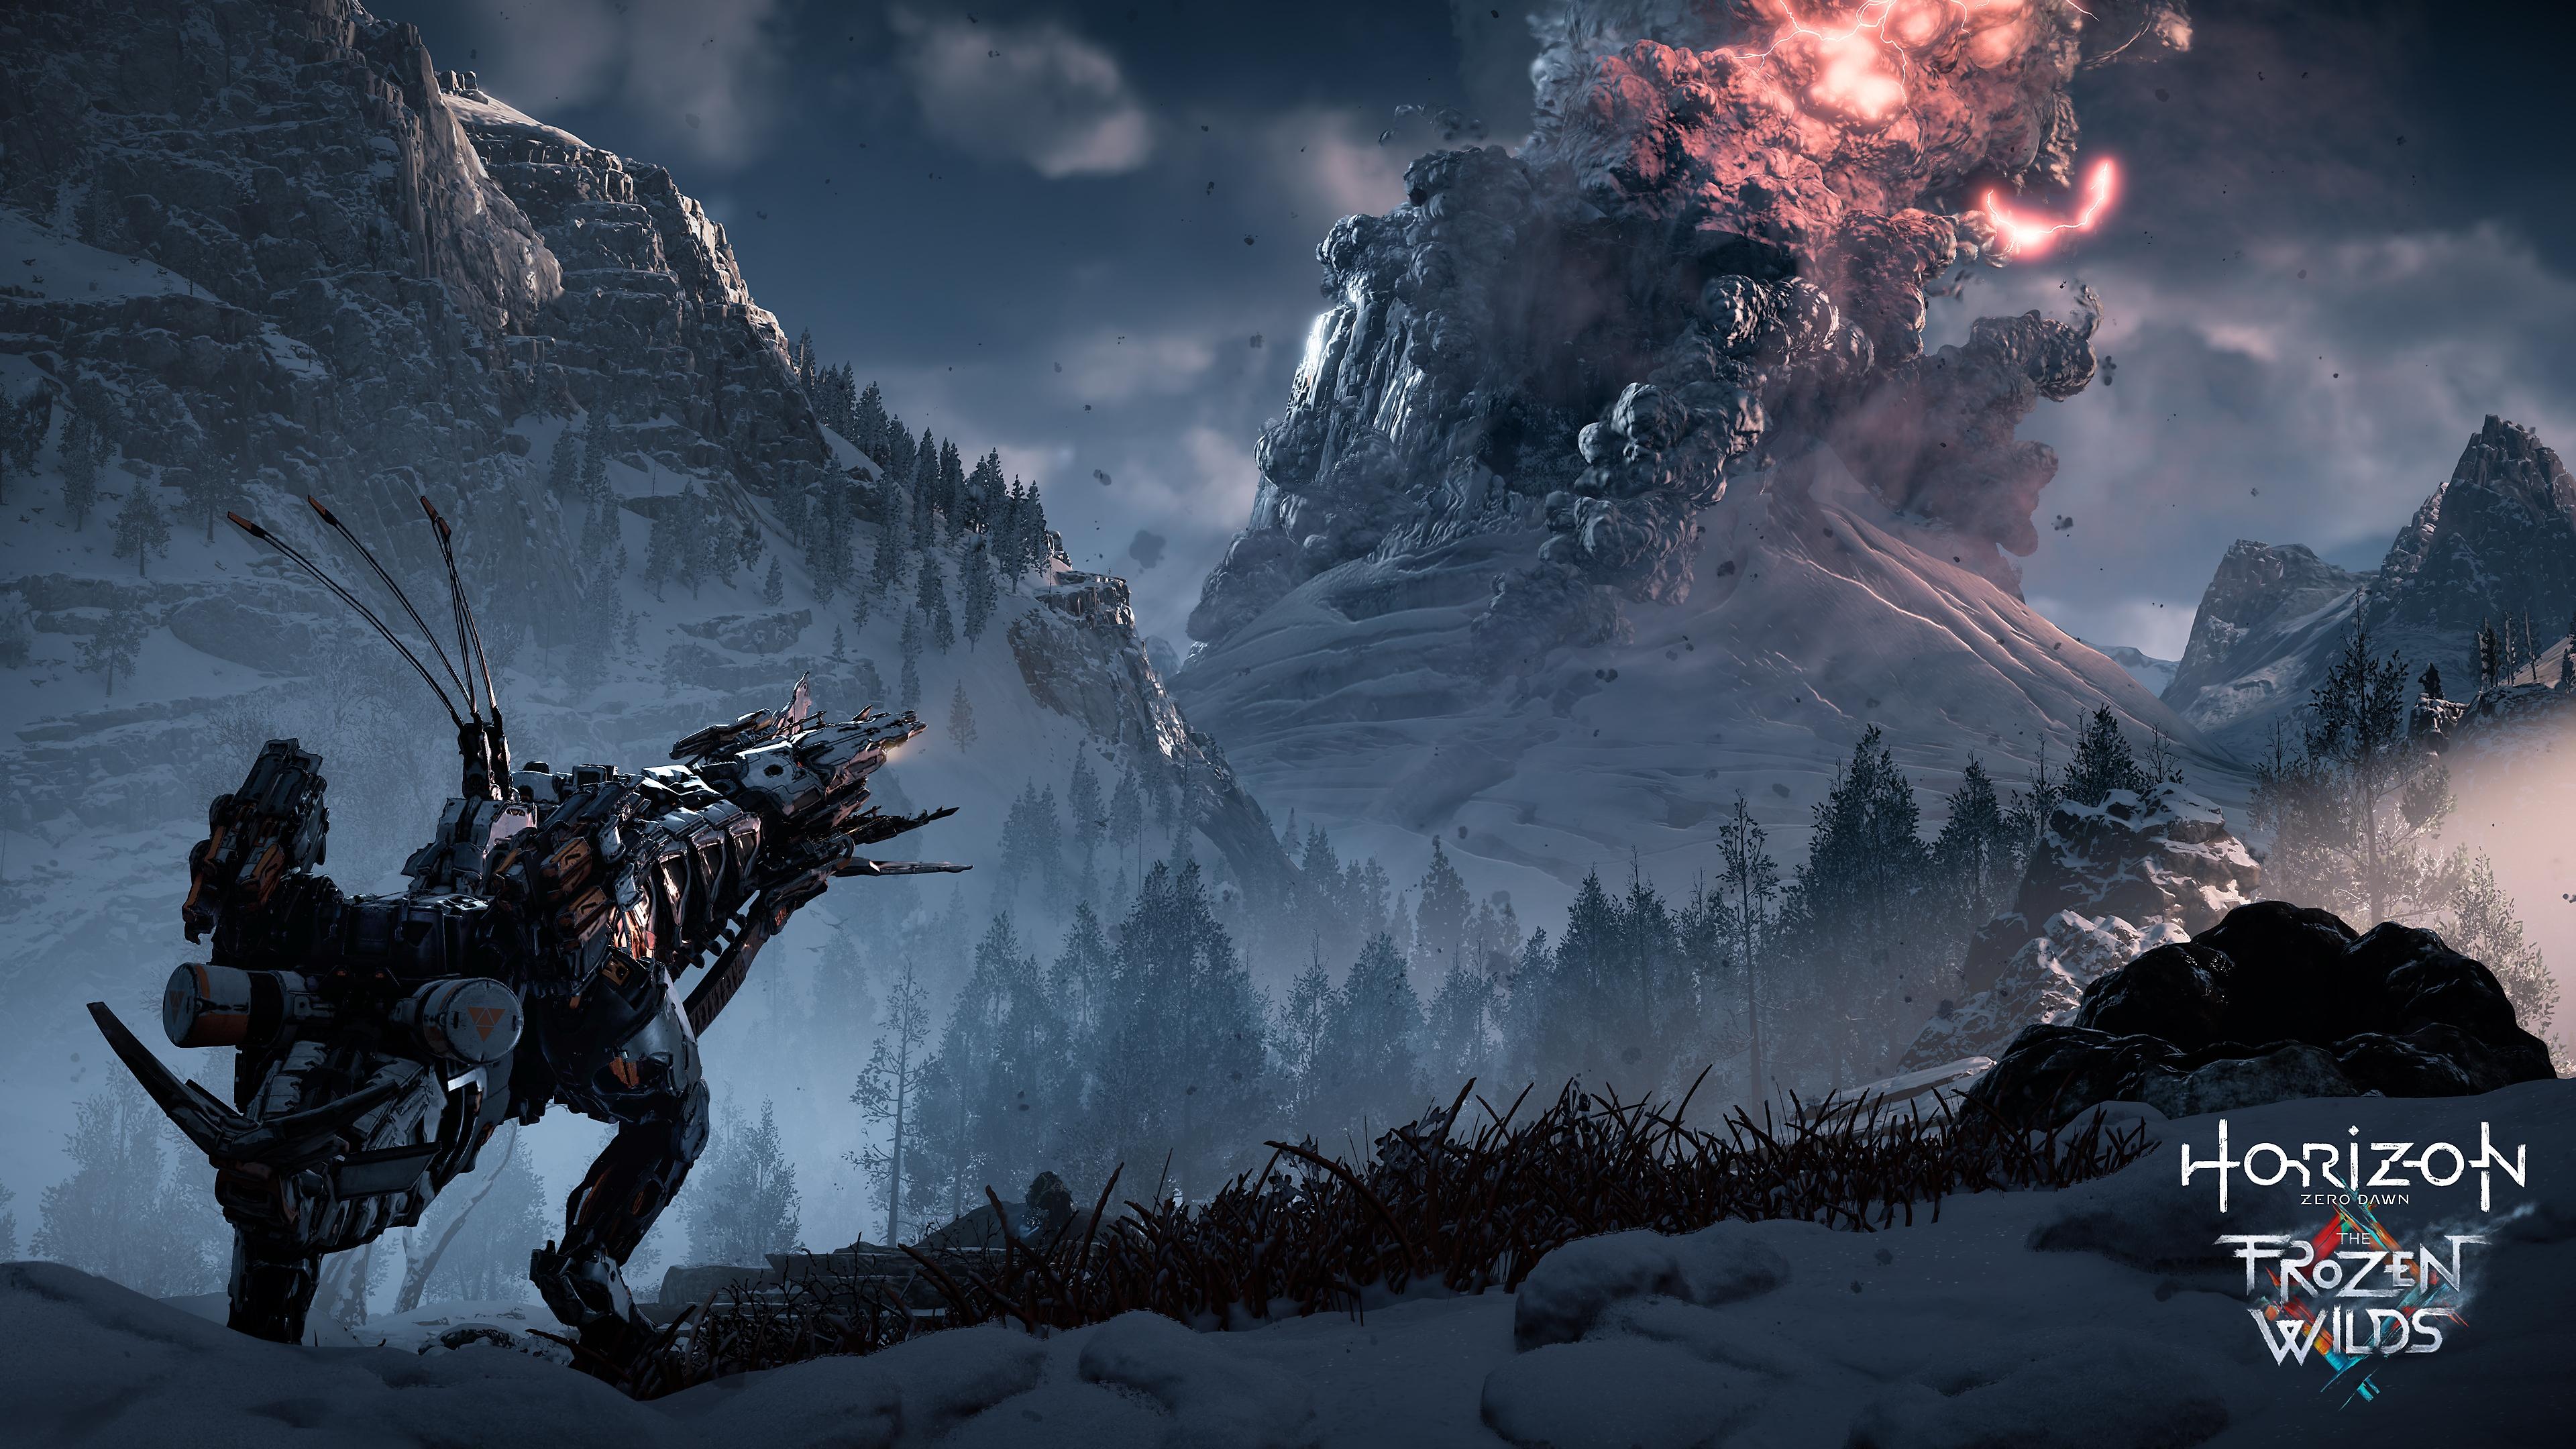 Horizon Zero Dawn - captura de ecrã The Frozen Wilds